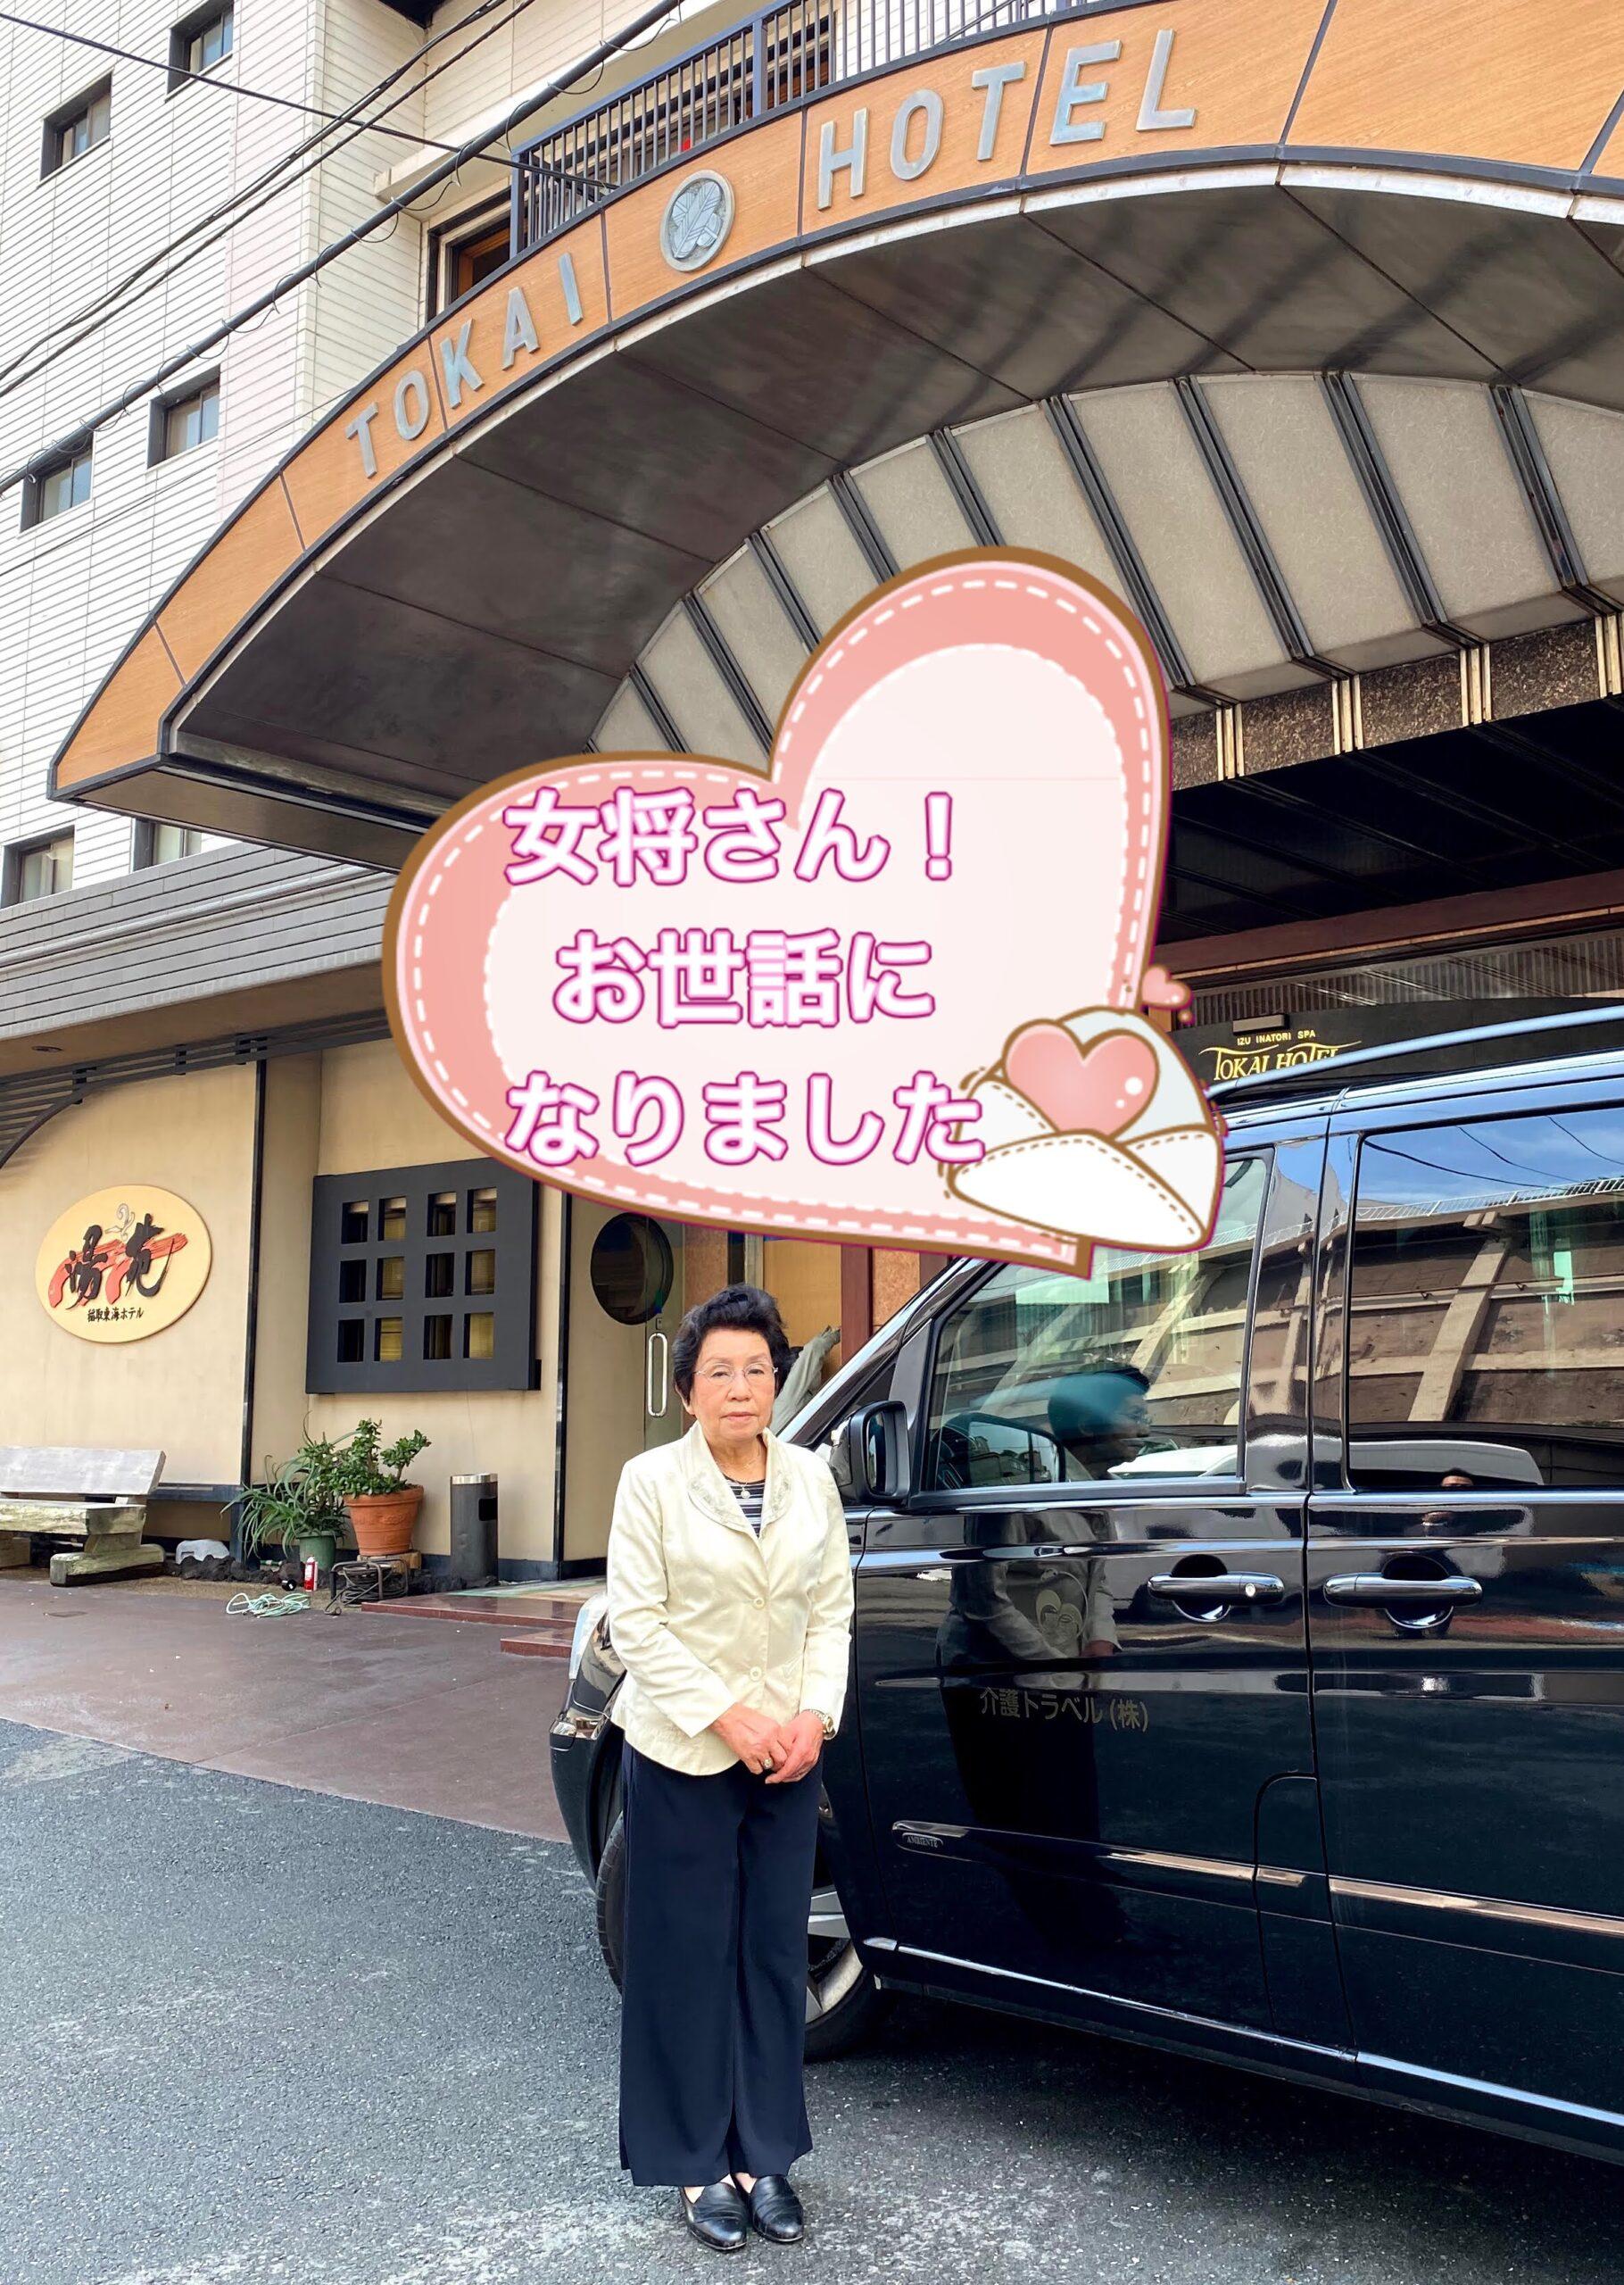 介護付き旅行サービス東京さんぽで行く伊豆稲取温泉